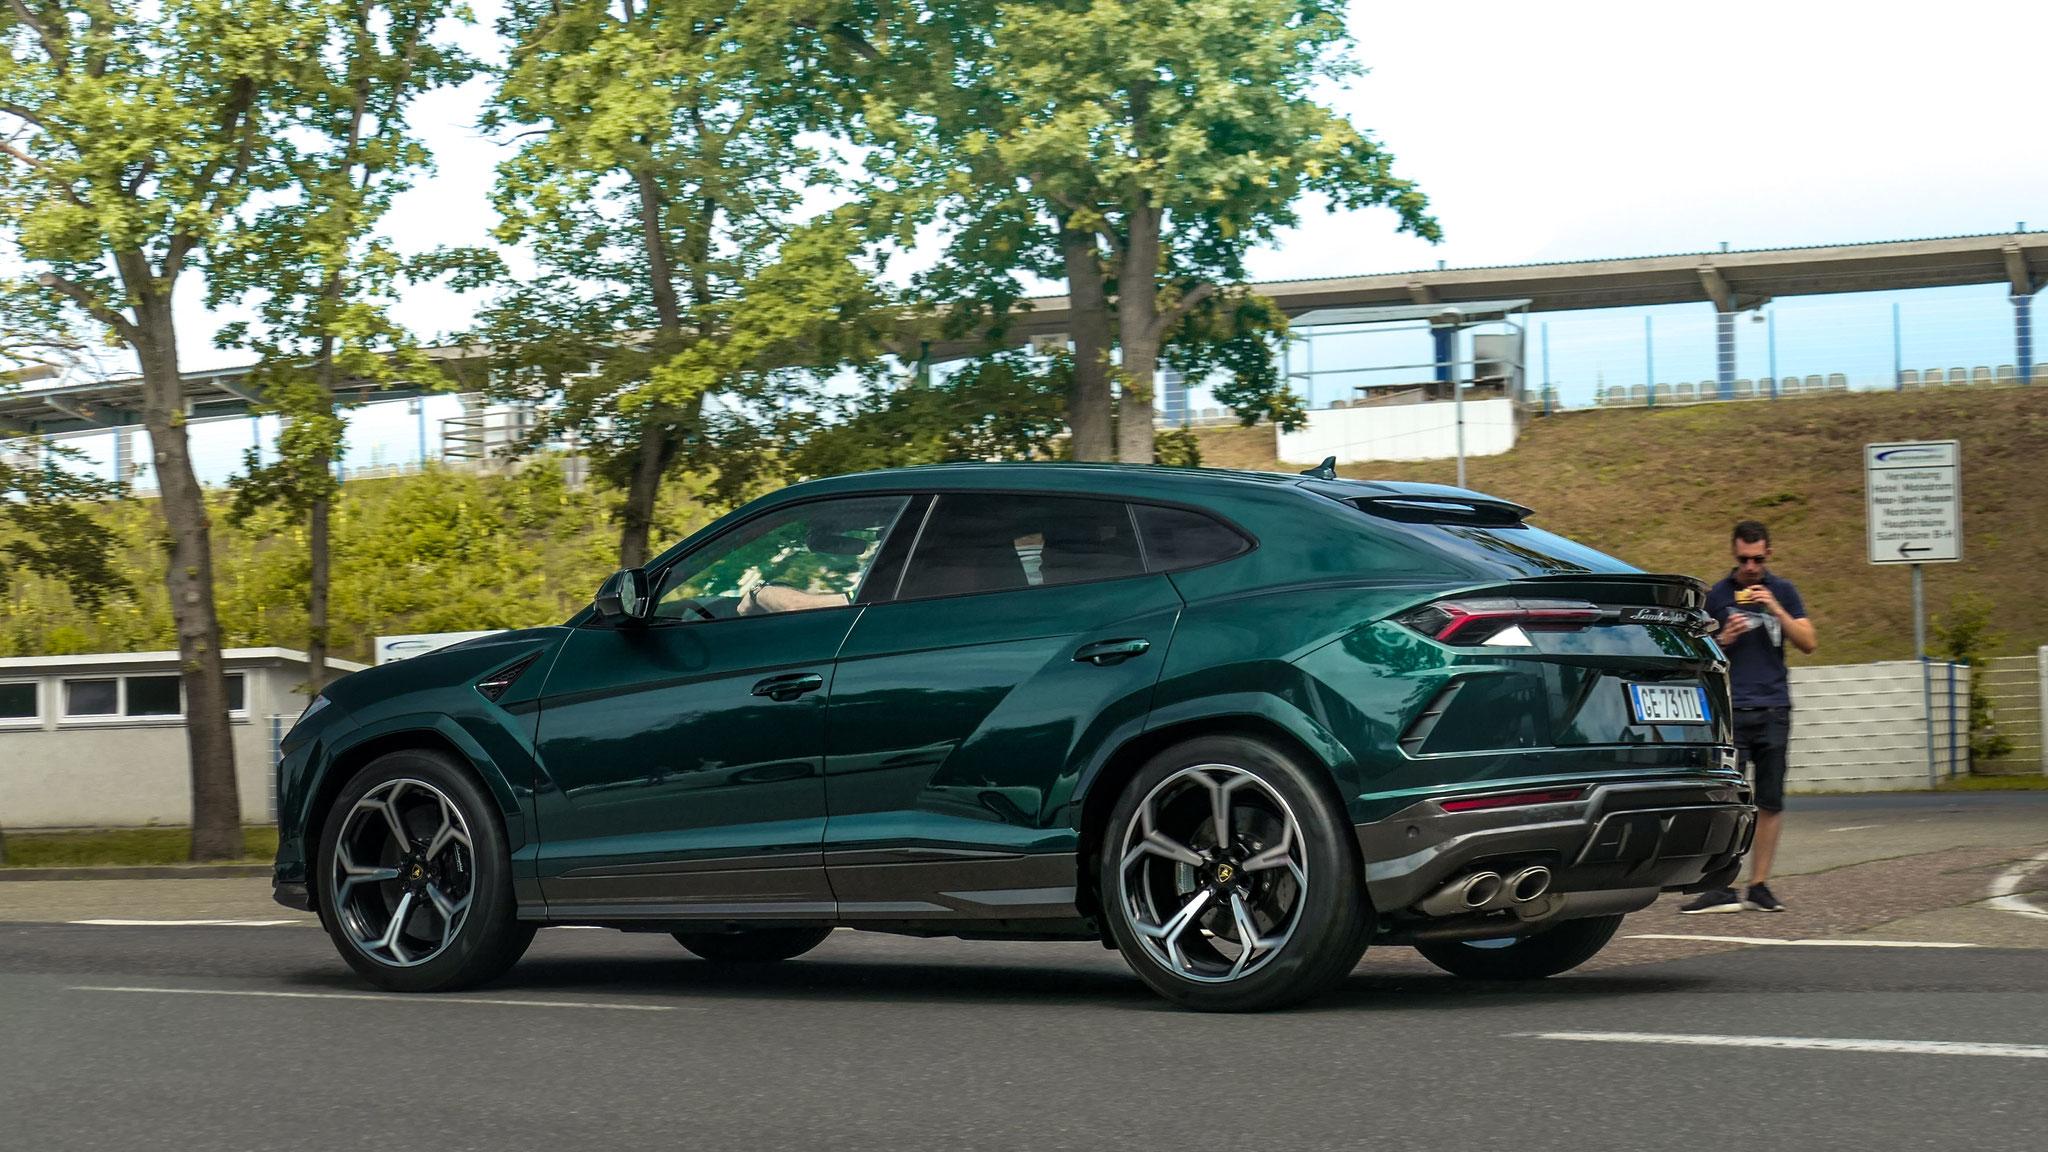 Lamborghini Urus - GE-731-TL (ITA)